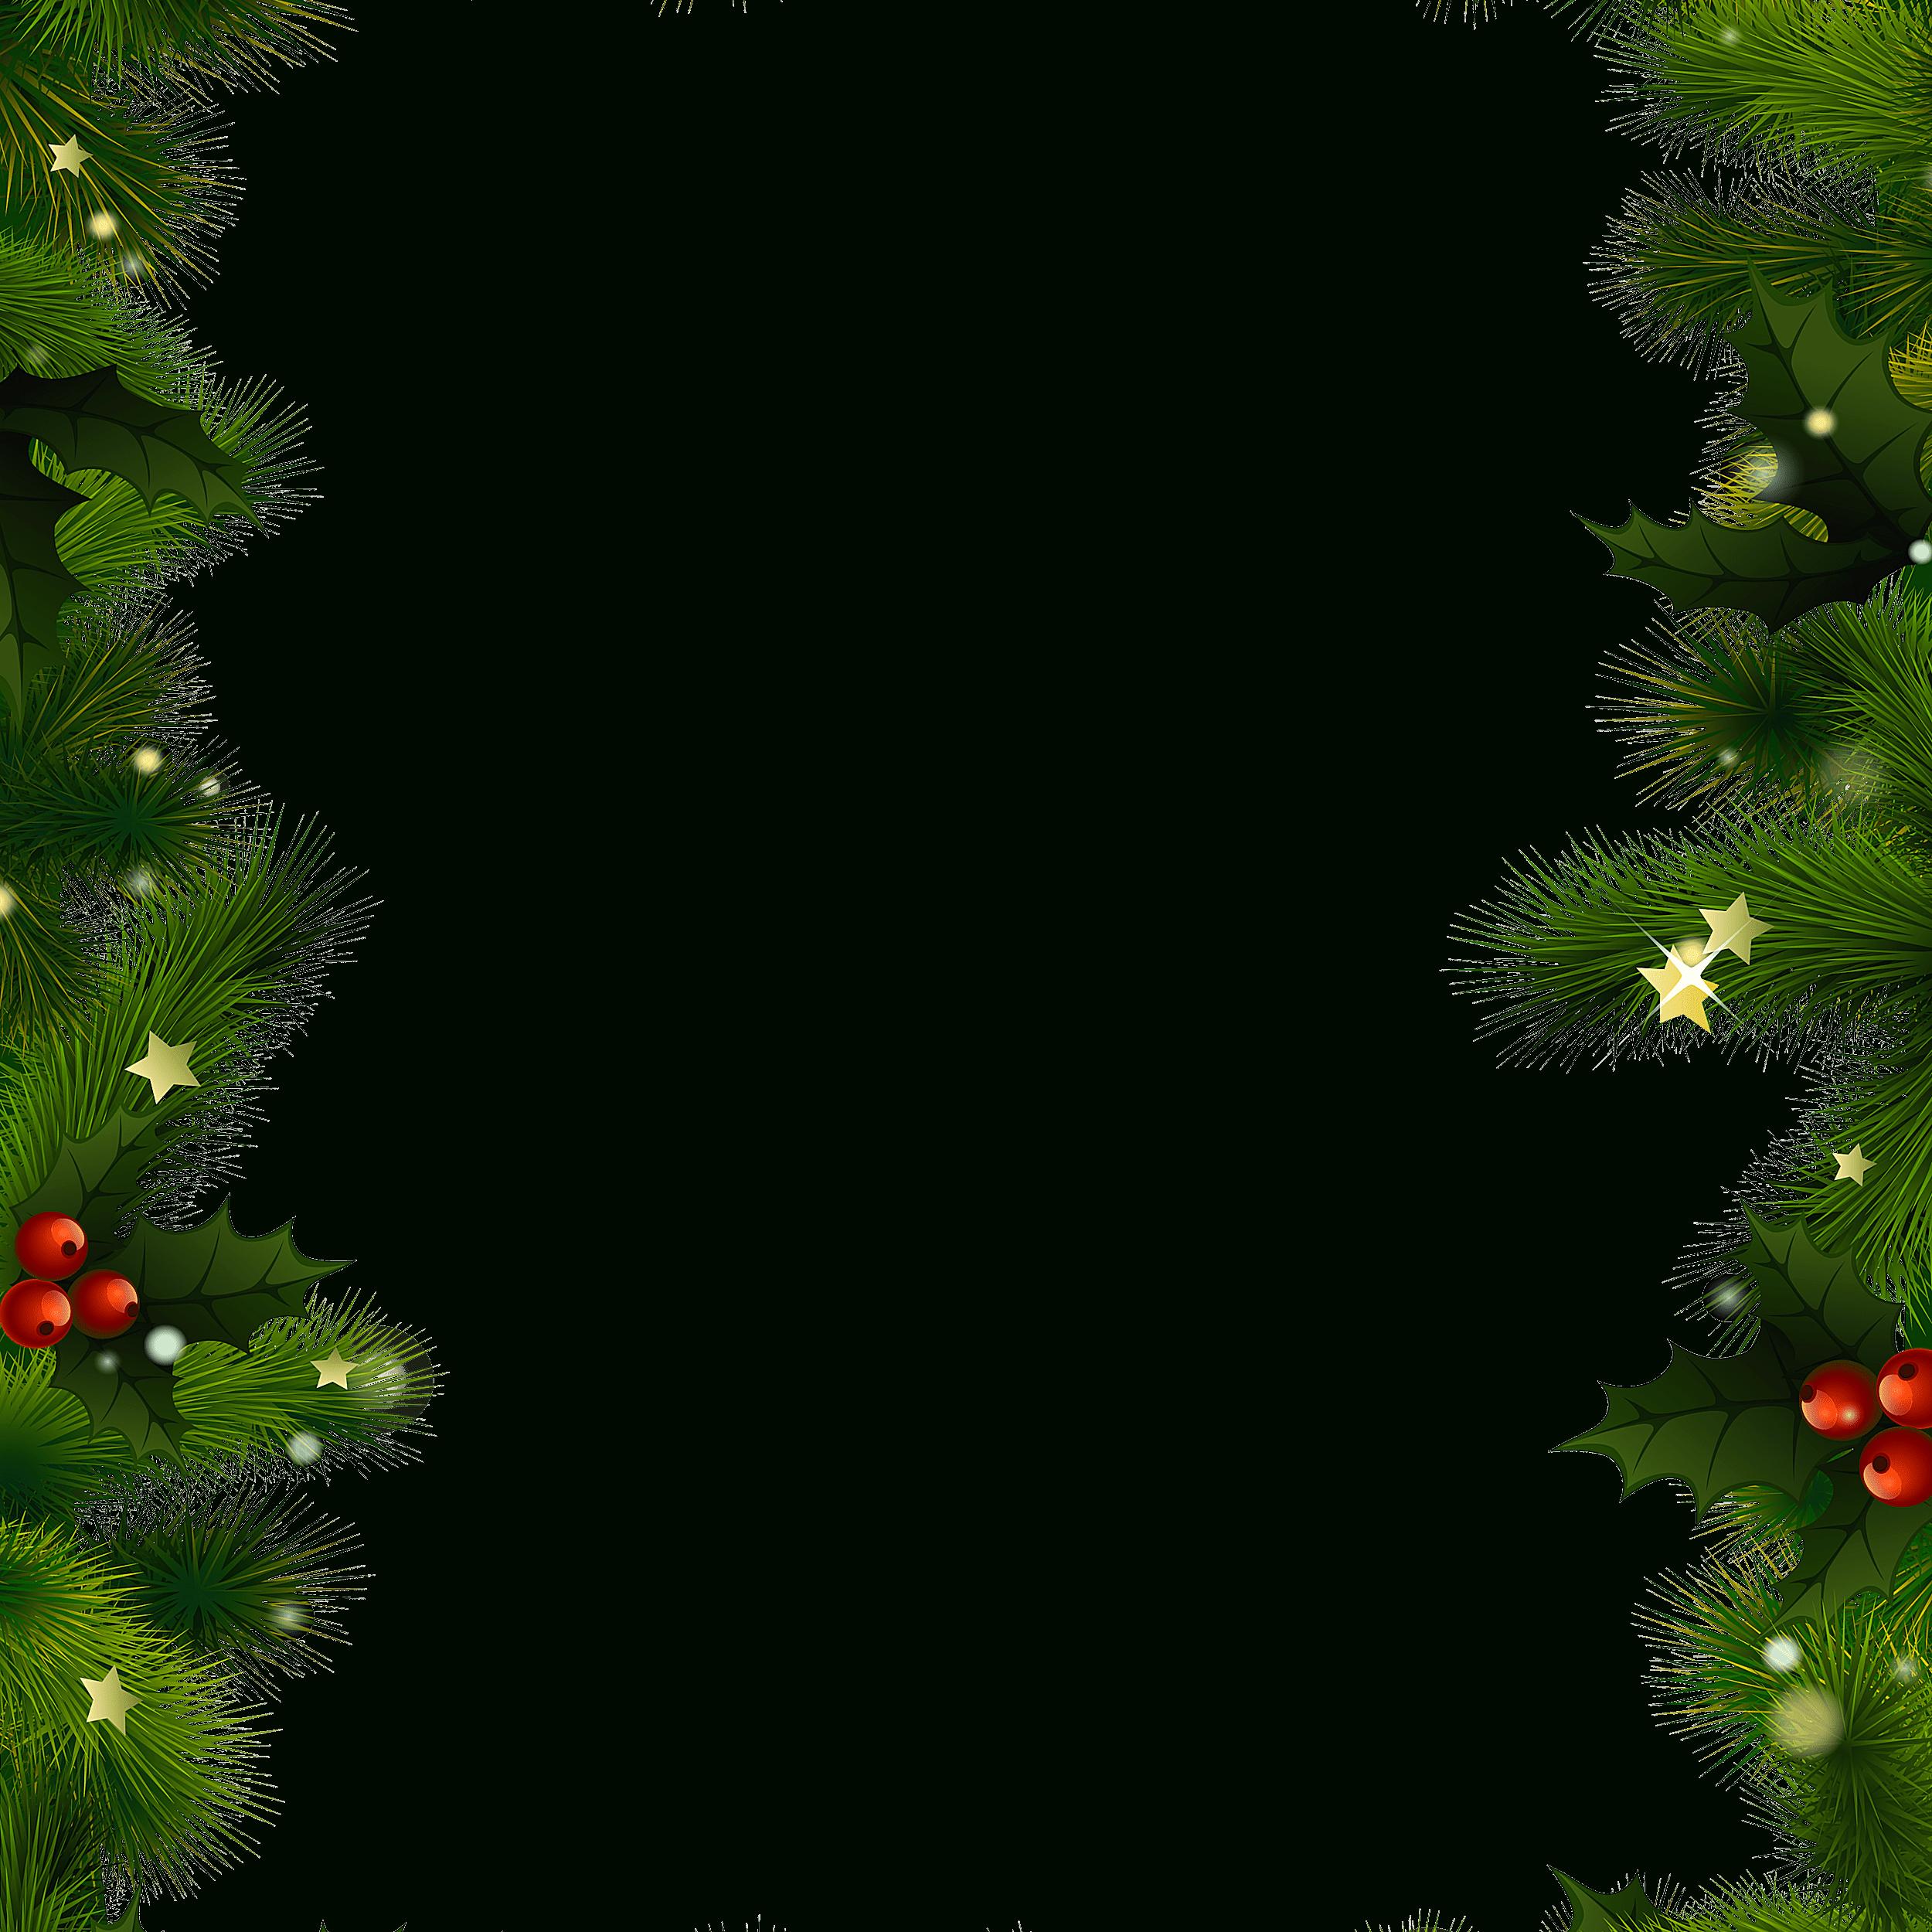 Free Christmas Borders And Frames - Free Printable Page Borders Christmas